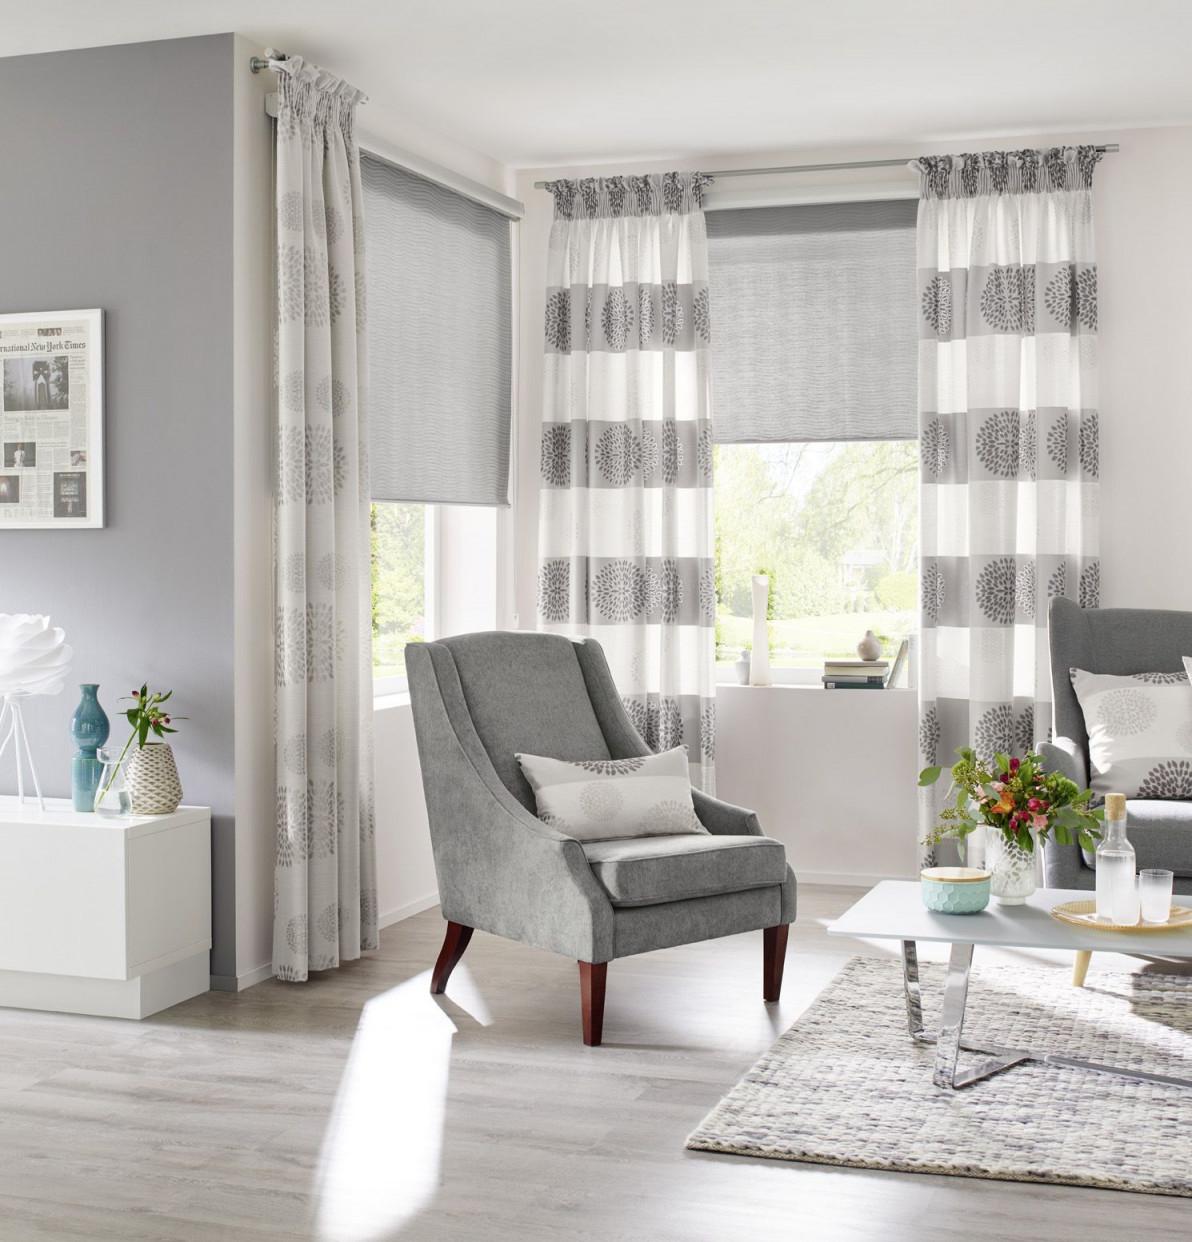 Fenster Globe Gardinen Dekostoffe Vorhang Wohnstoffe von Wohnzimmer Gardinen Grau Photo